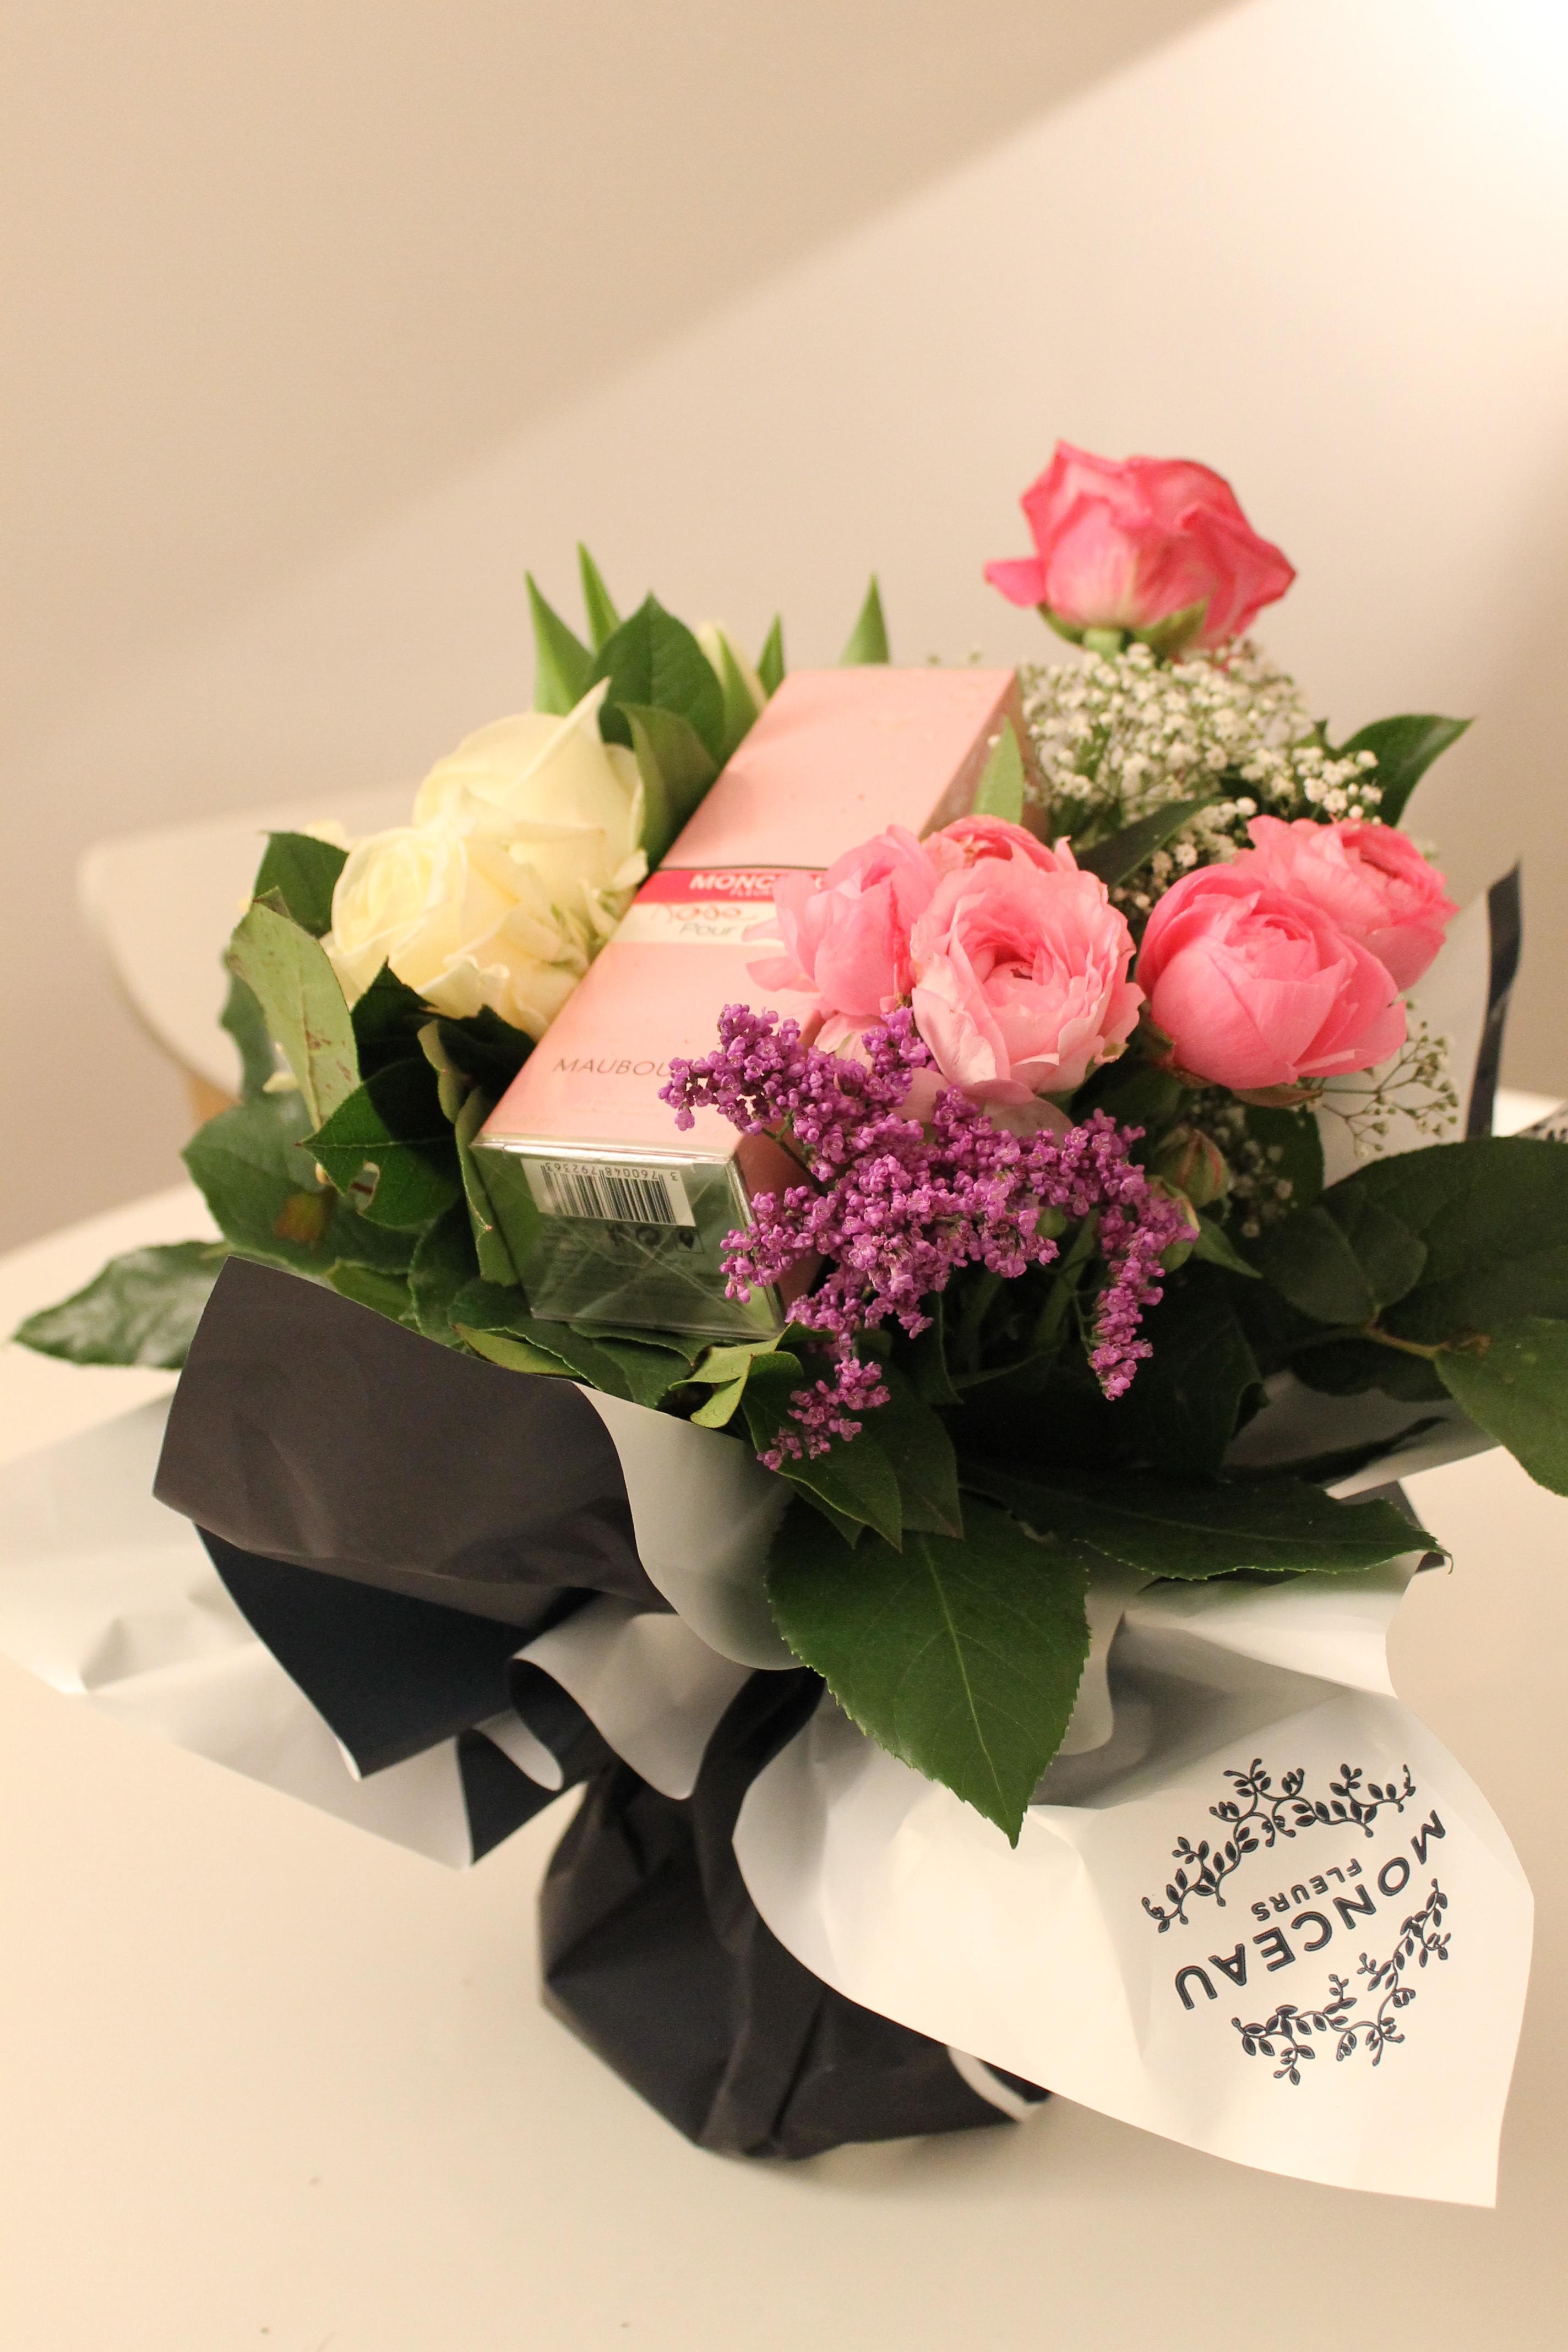 Le bouquet parfait pour la saint valentin rise and shine for Bouquet saint valentin